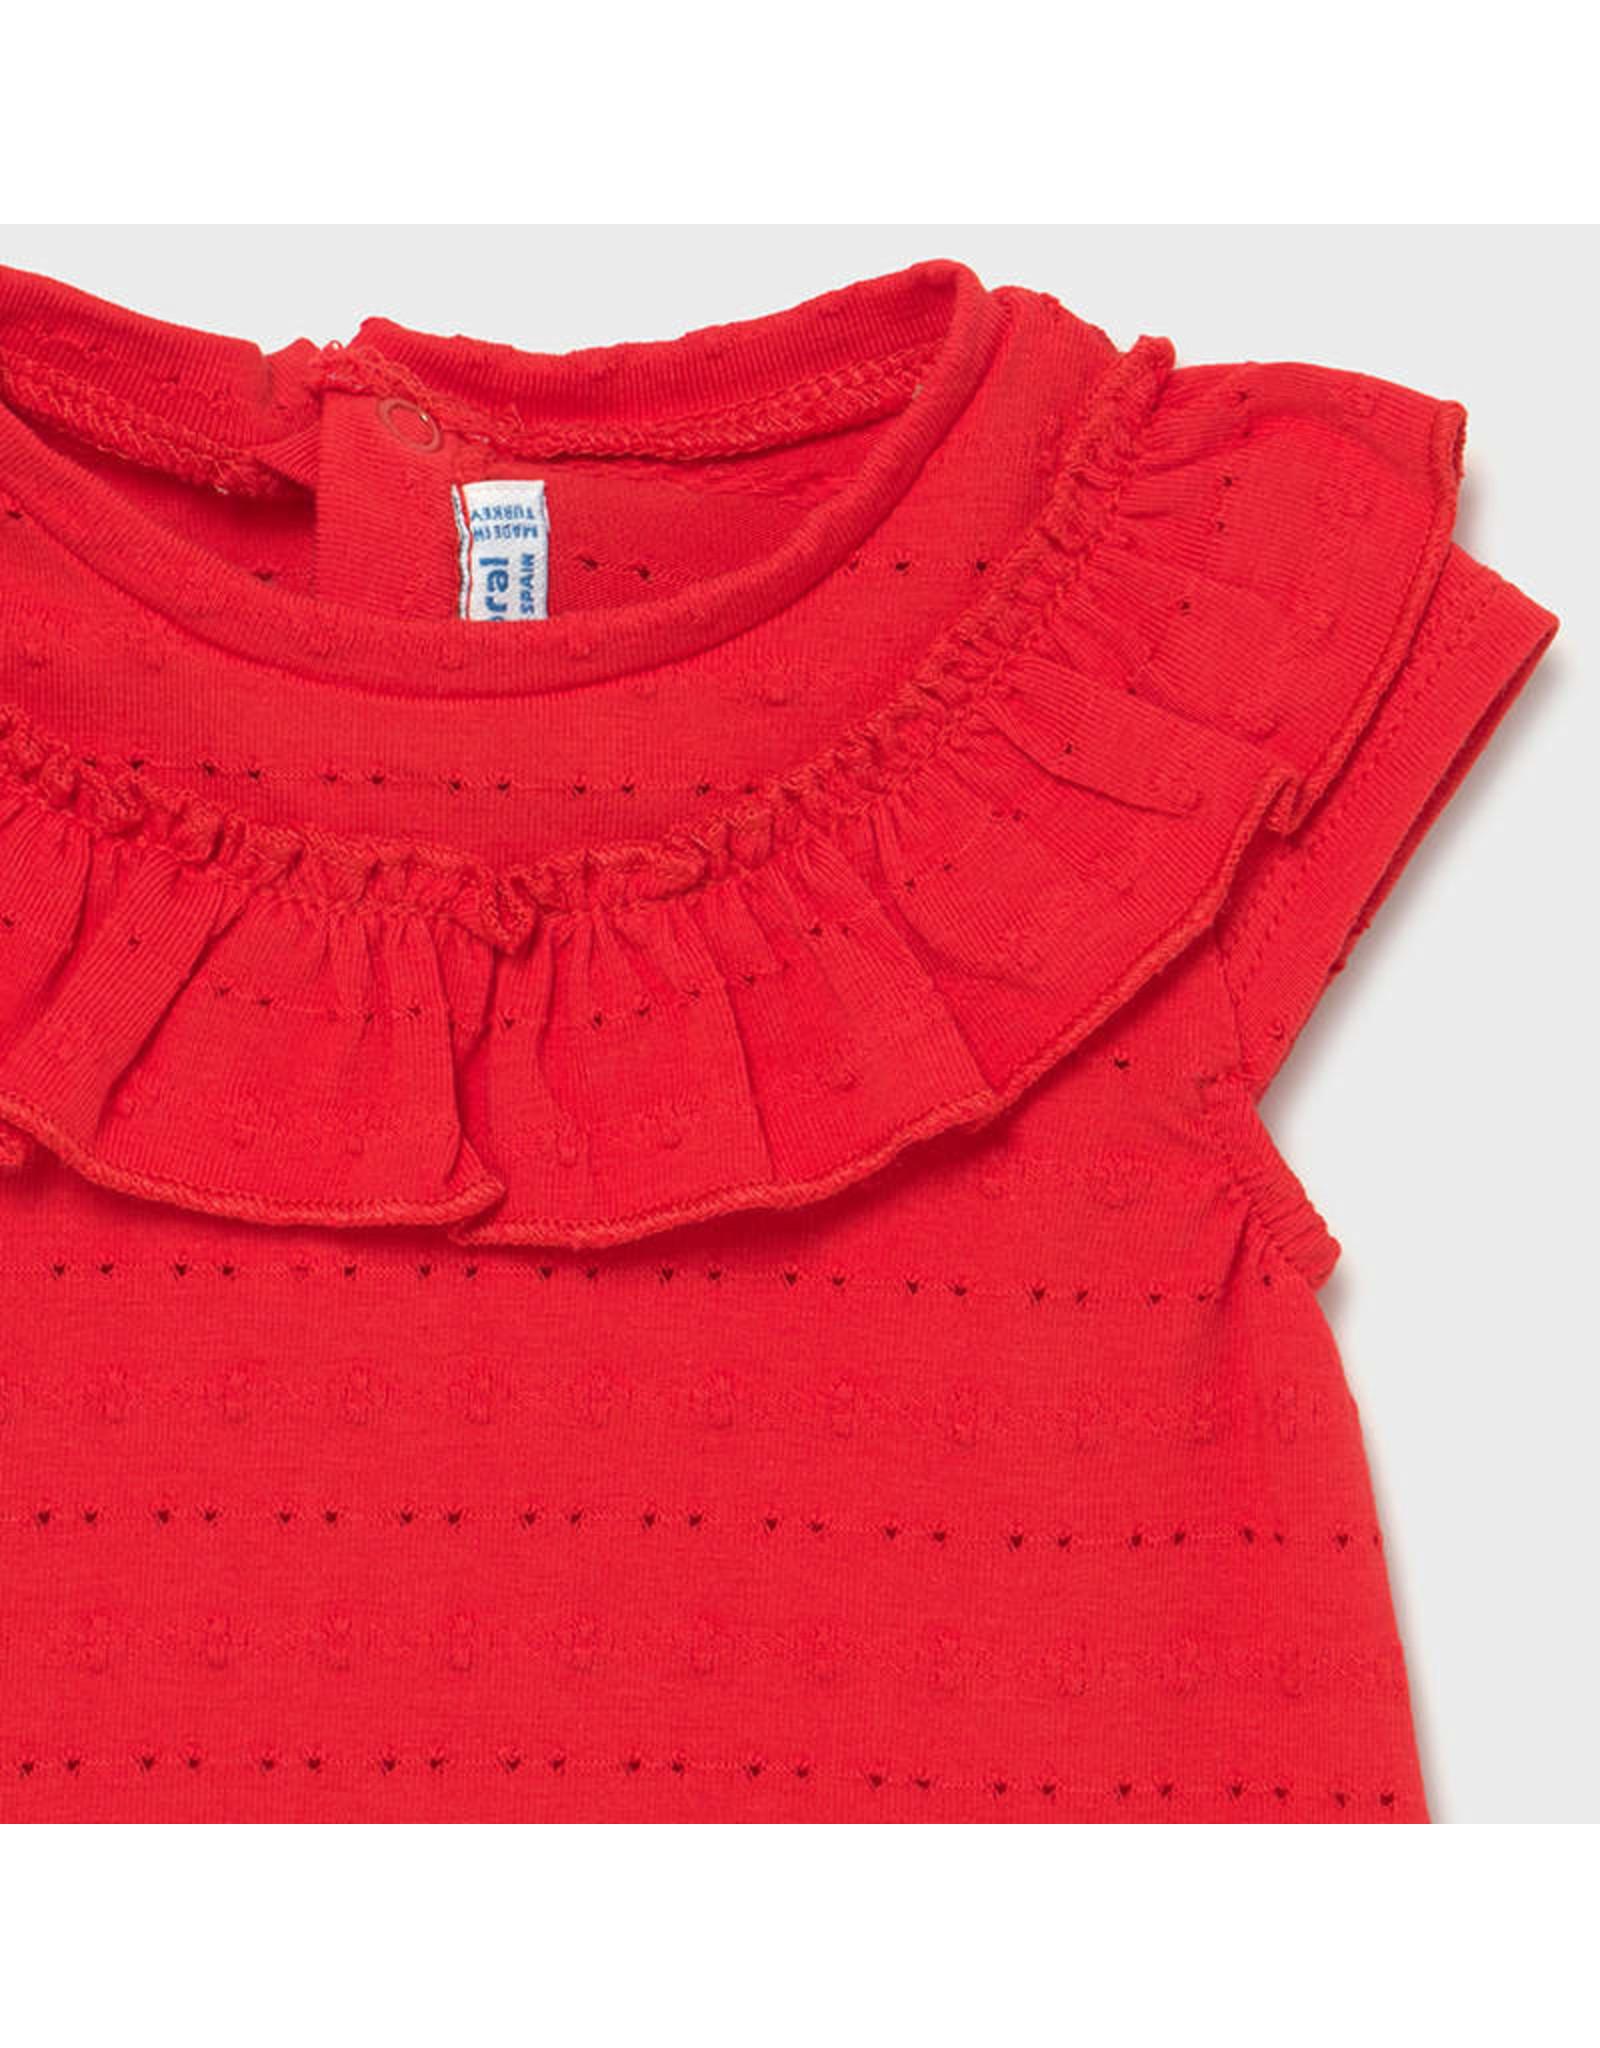 Mayoral S/s t-shirt  Poppy